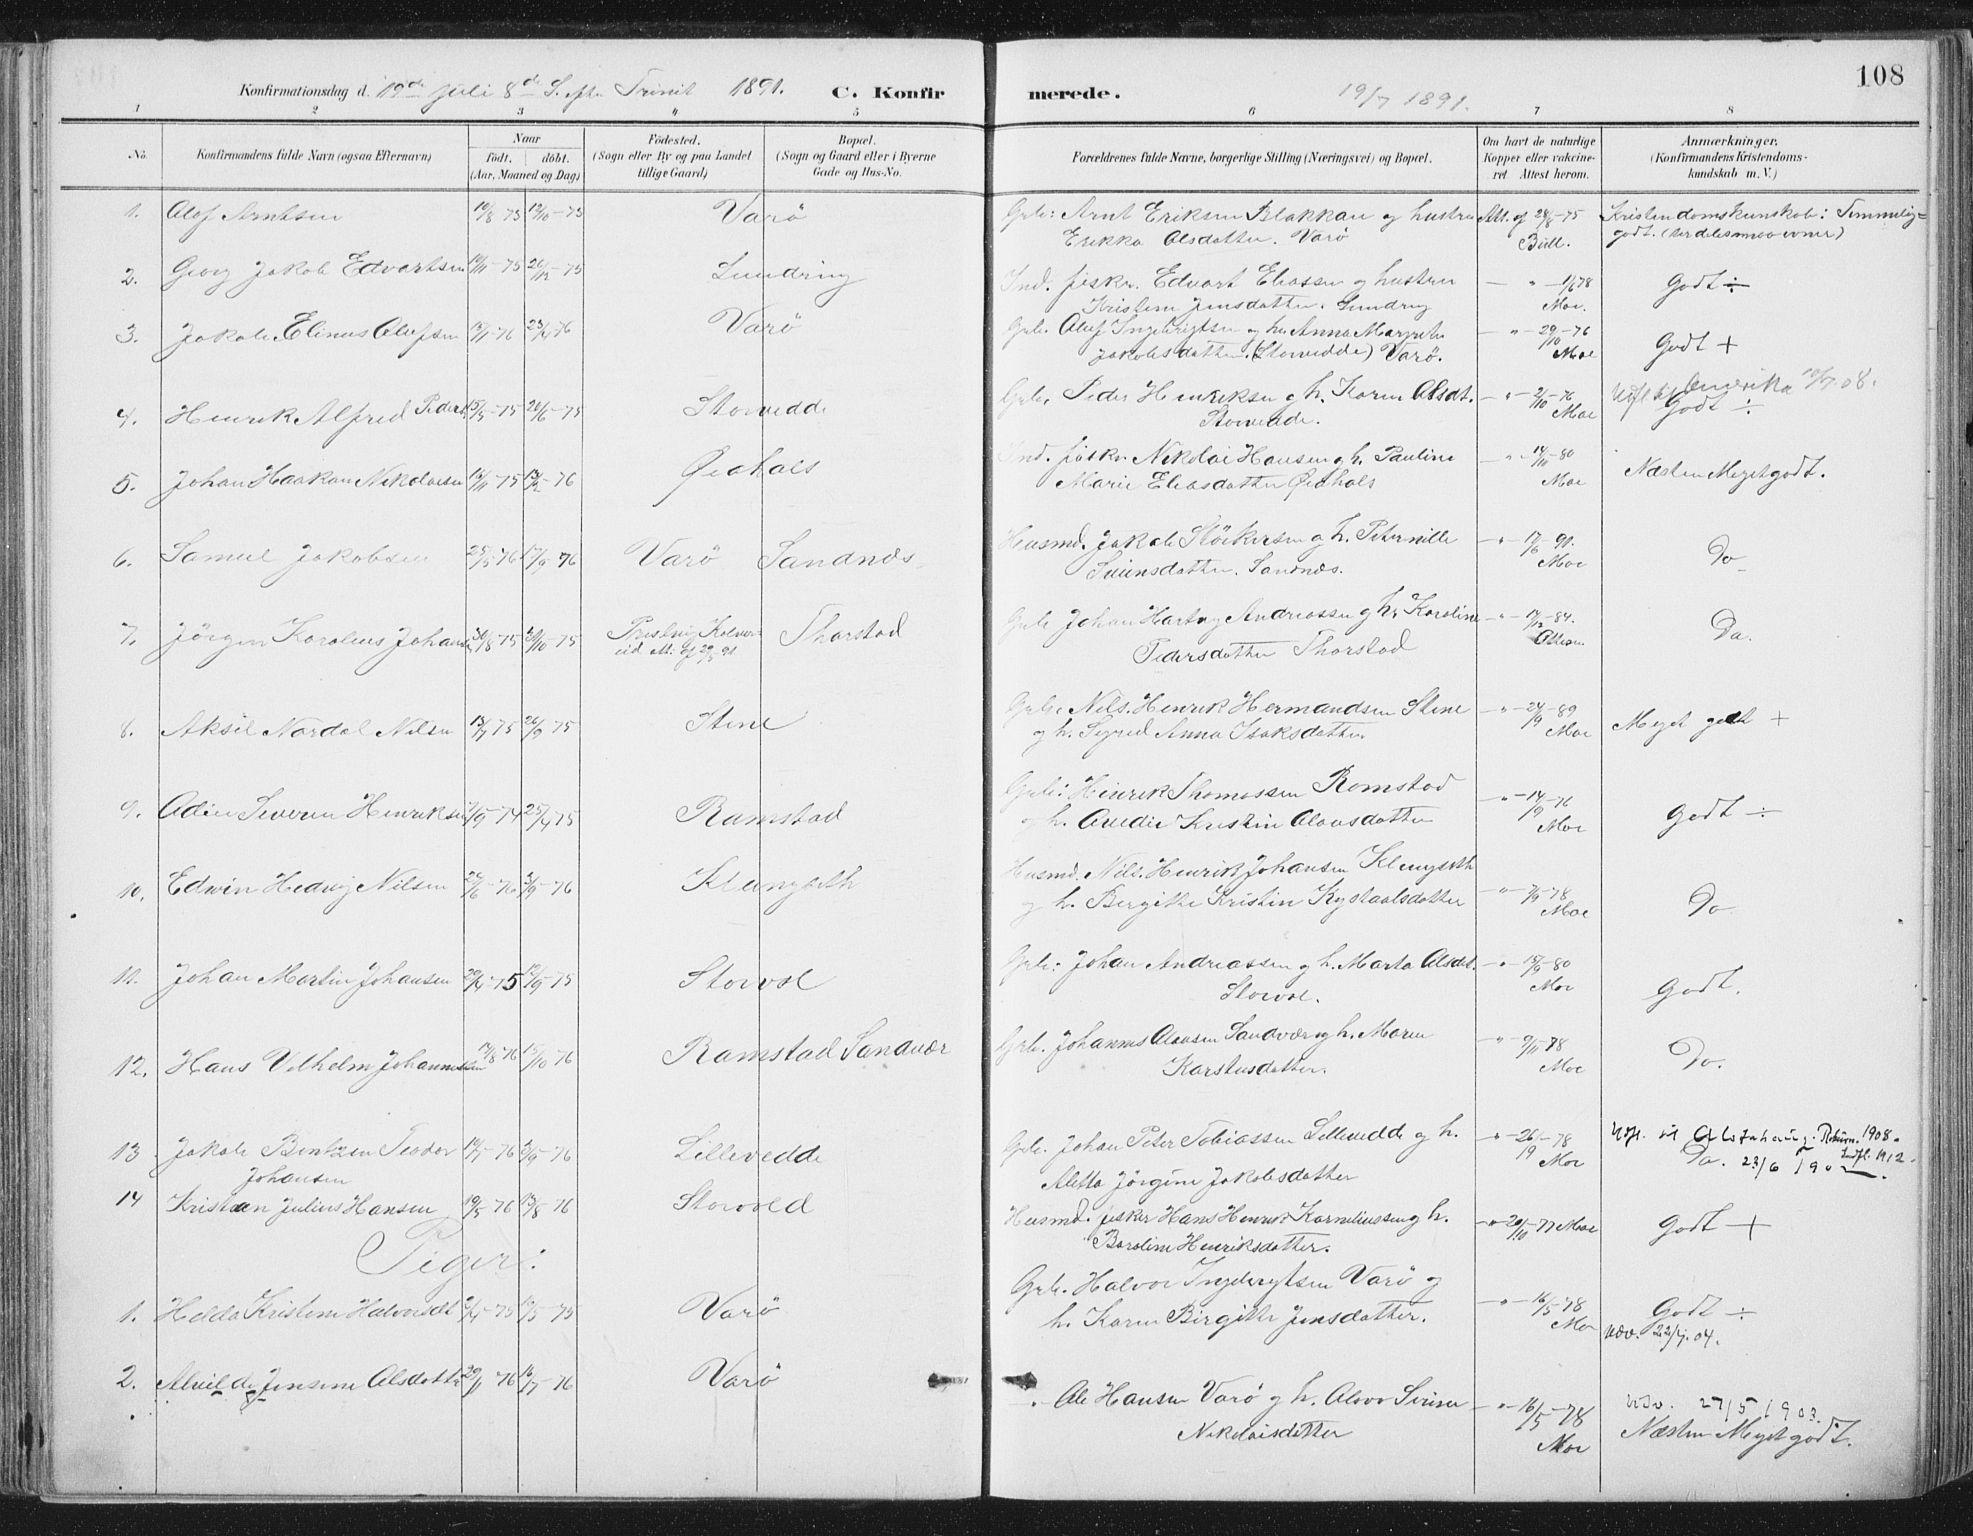 SAT, Ministerialprotokoller, klokkerbøker og fødselsregistre - Nord-Trøndelag, 784/L0673: Ministerialbok nr. 784A08, 1888-1899, s. 108